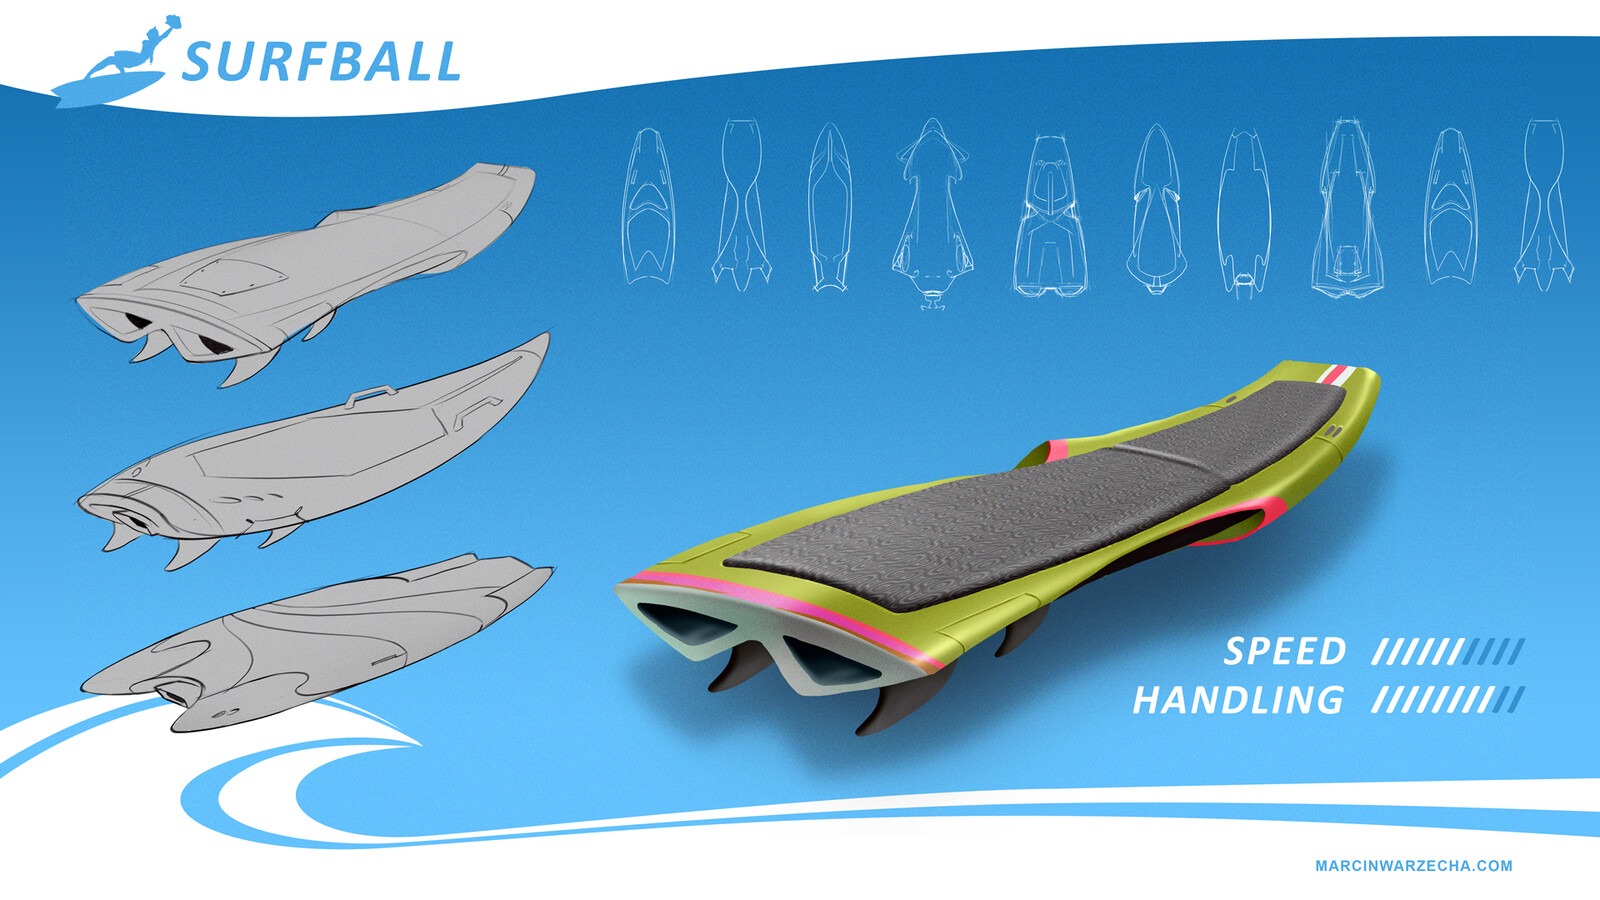 Surball Board Concept